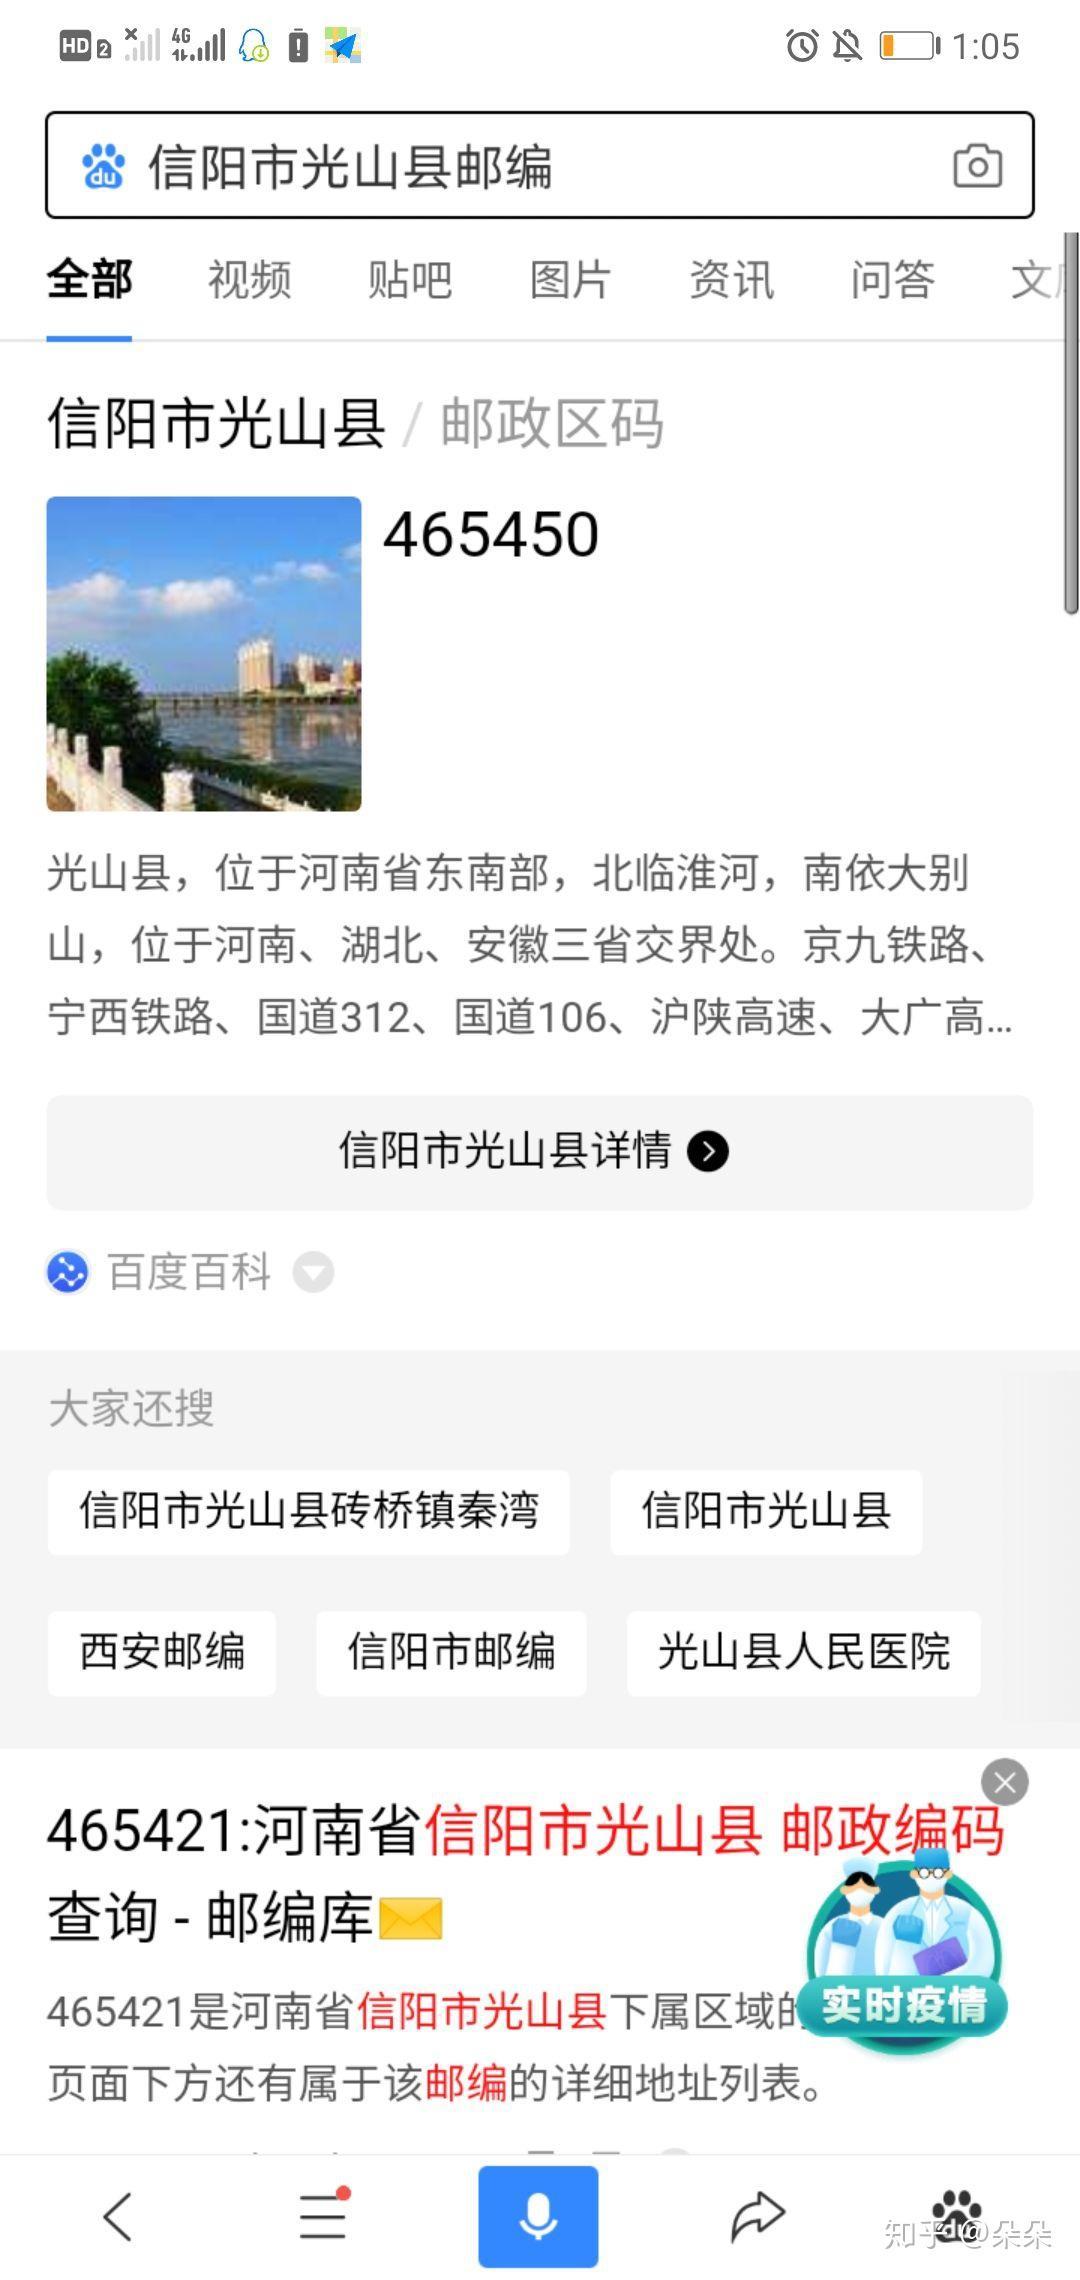 义马市狂口学校图片